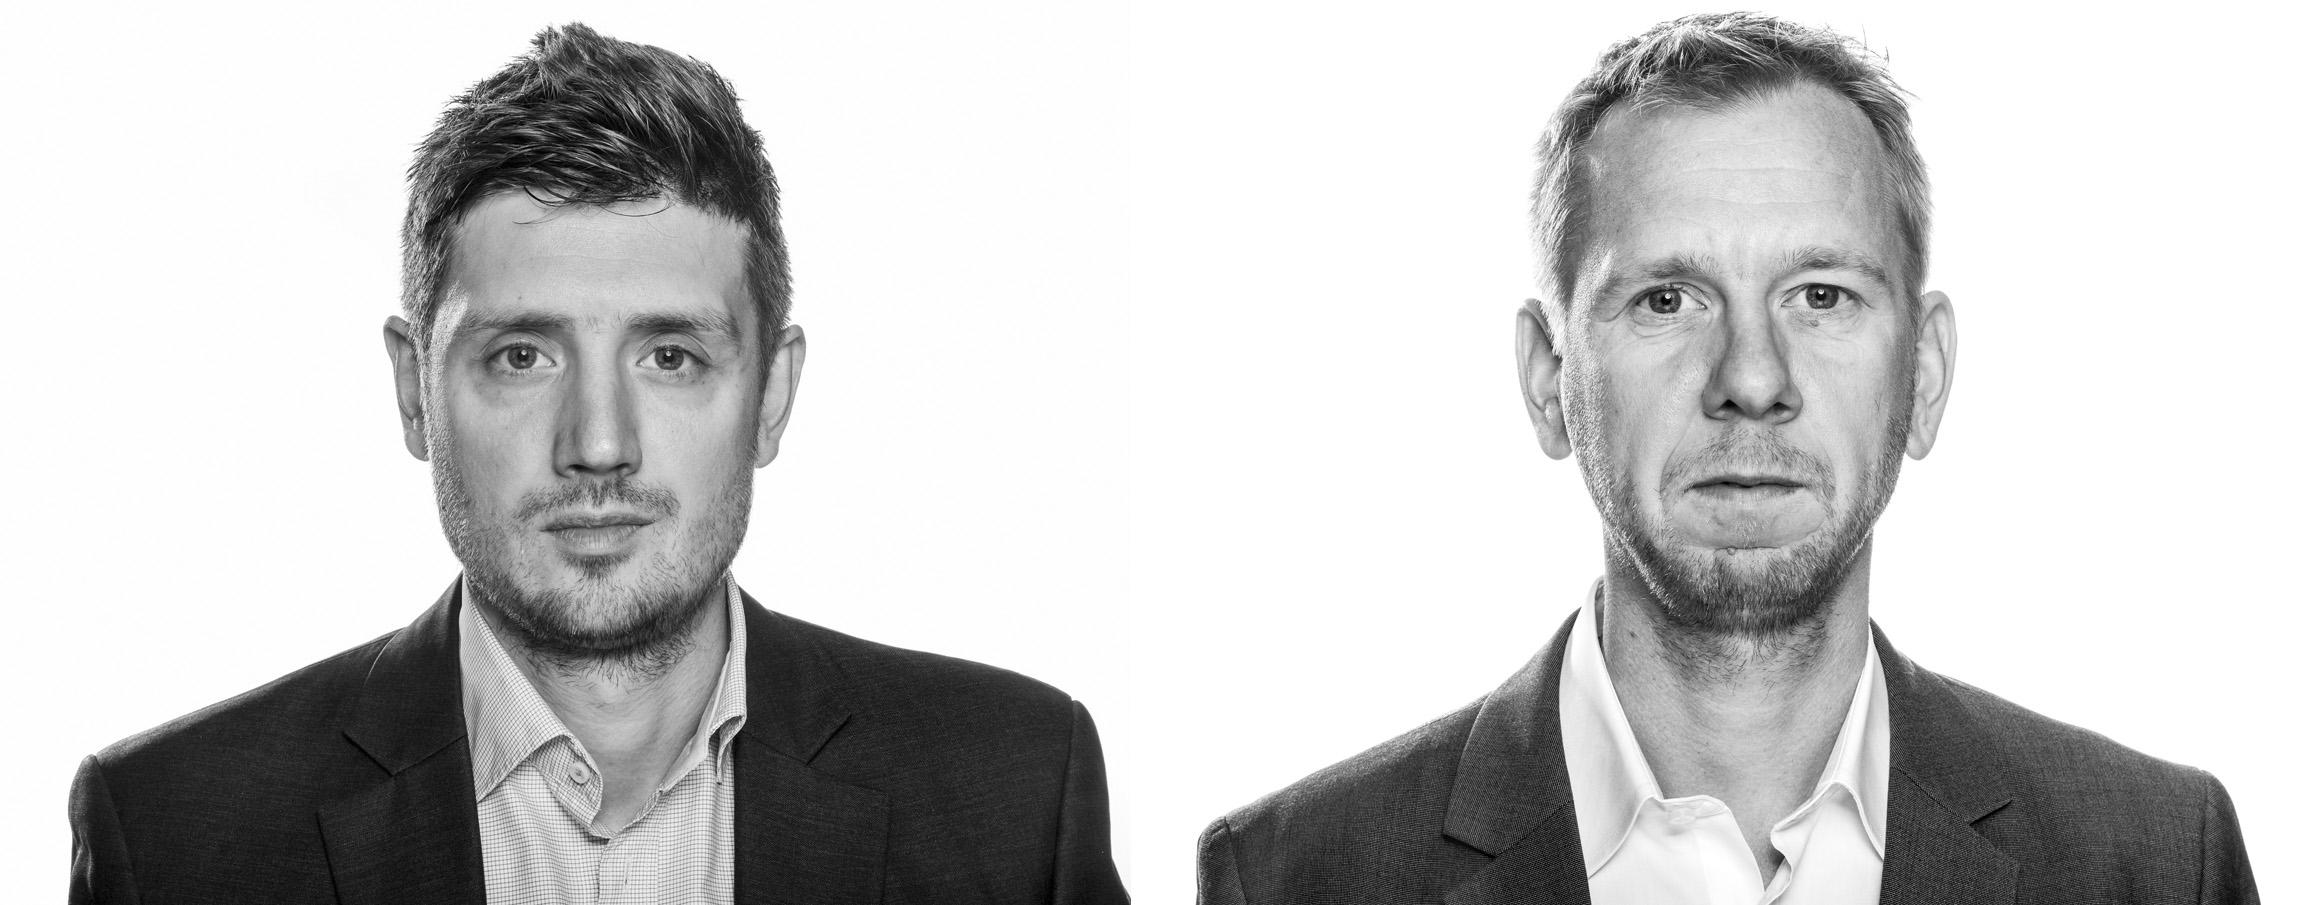 Berlingske-journalisterne Michael Lund og Simon Bendtsen har sammen afdækket Danske Banks hvidvaskningsskandale for milliarder af kroner i de estiske filialer, Foto: Søren Bidstrup, Berlingske